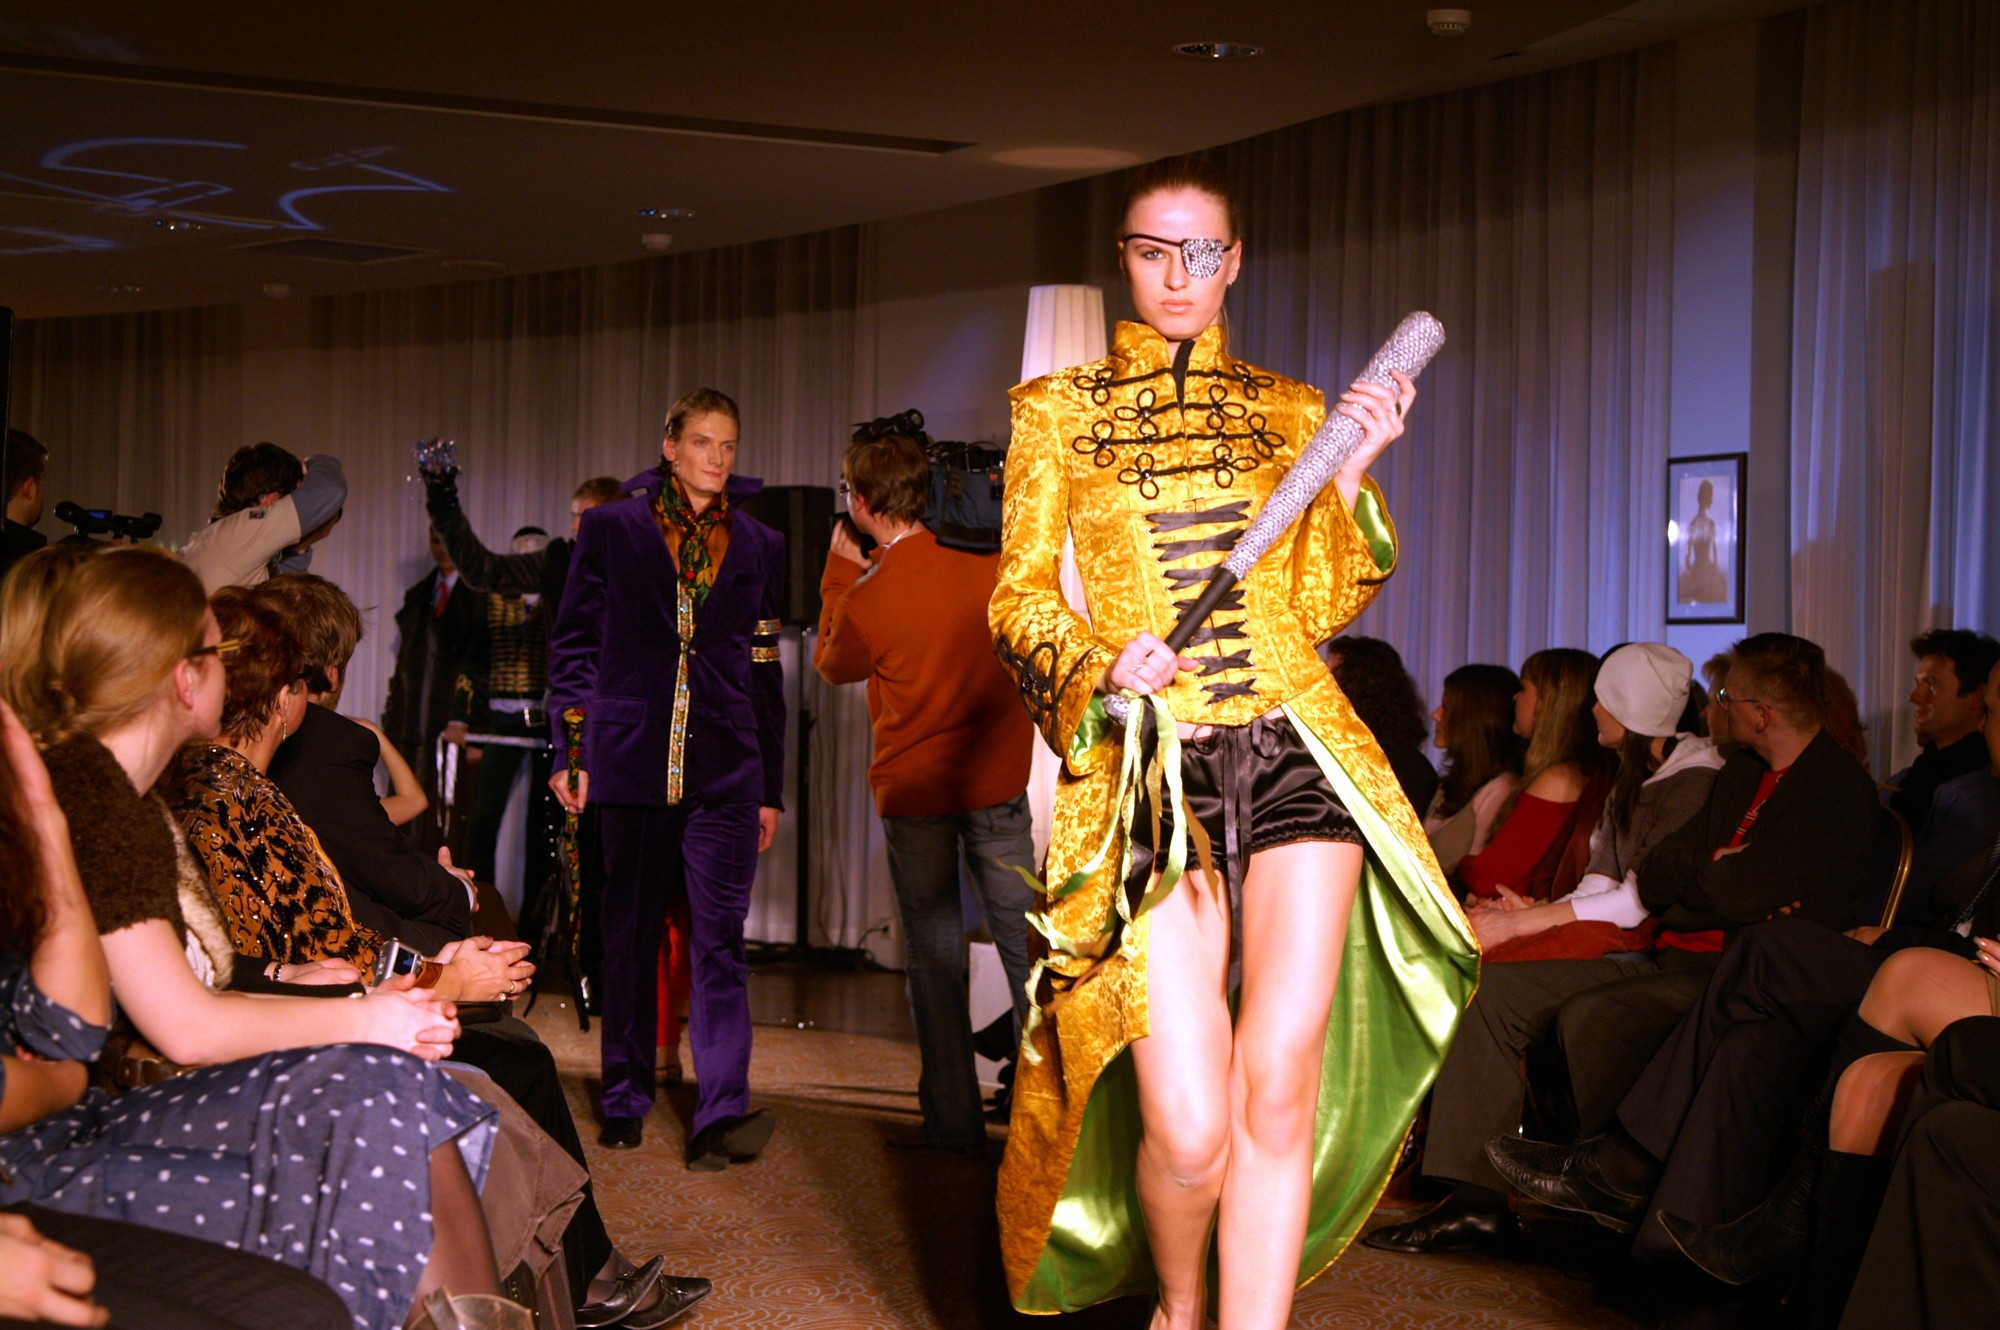 мода коллекция гламурные падонки адмиралтейская игла 2006